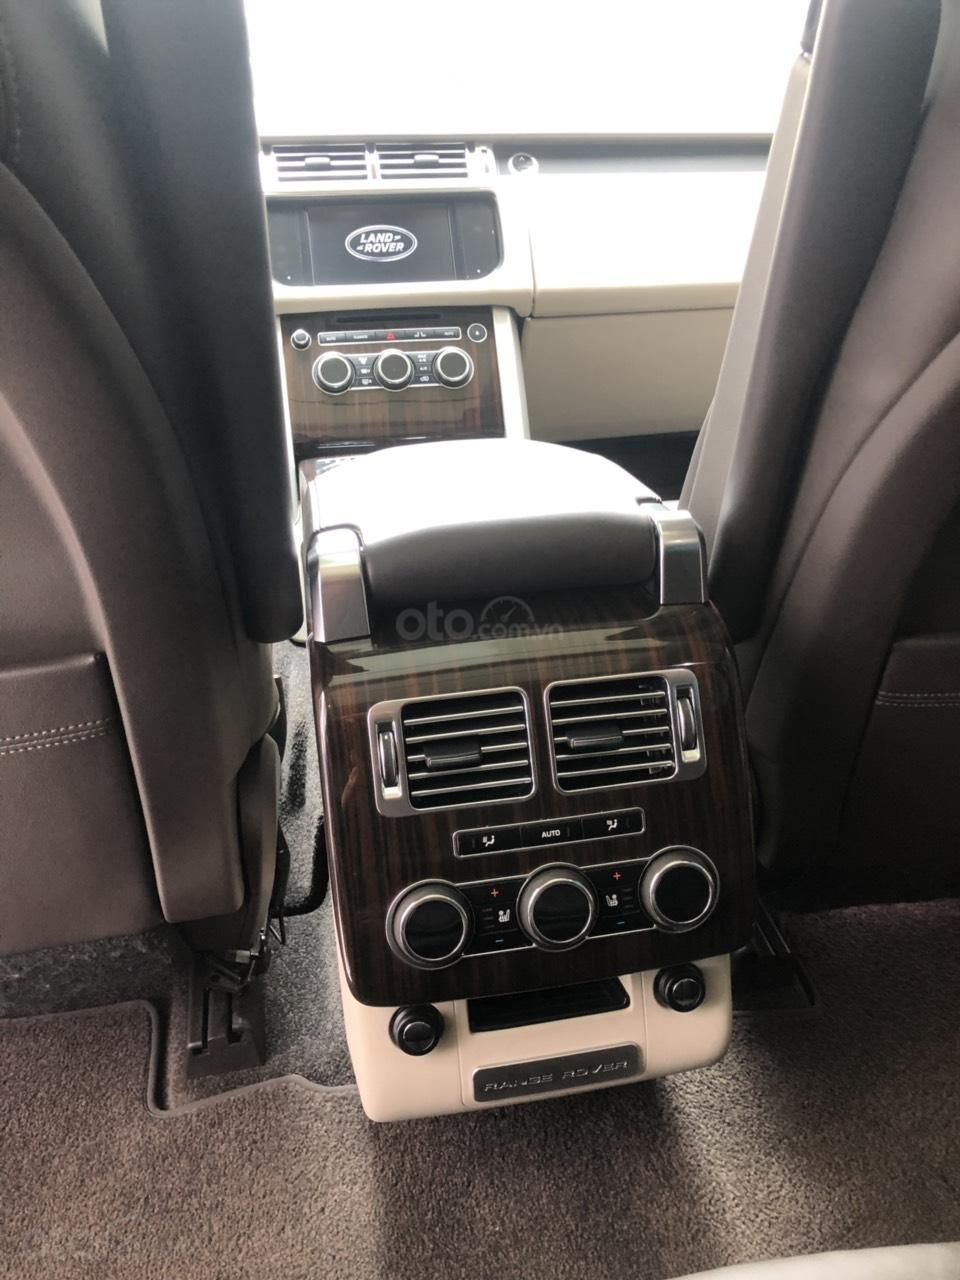 Chính chủ bán giá xe Range Rover Vogue màu đen 2015 xe đẹp giá tốt 093 2222253-10